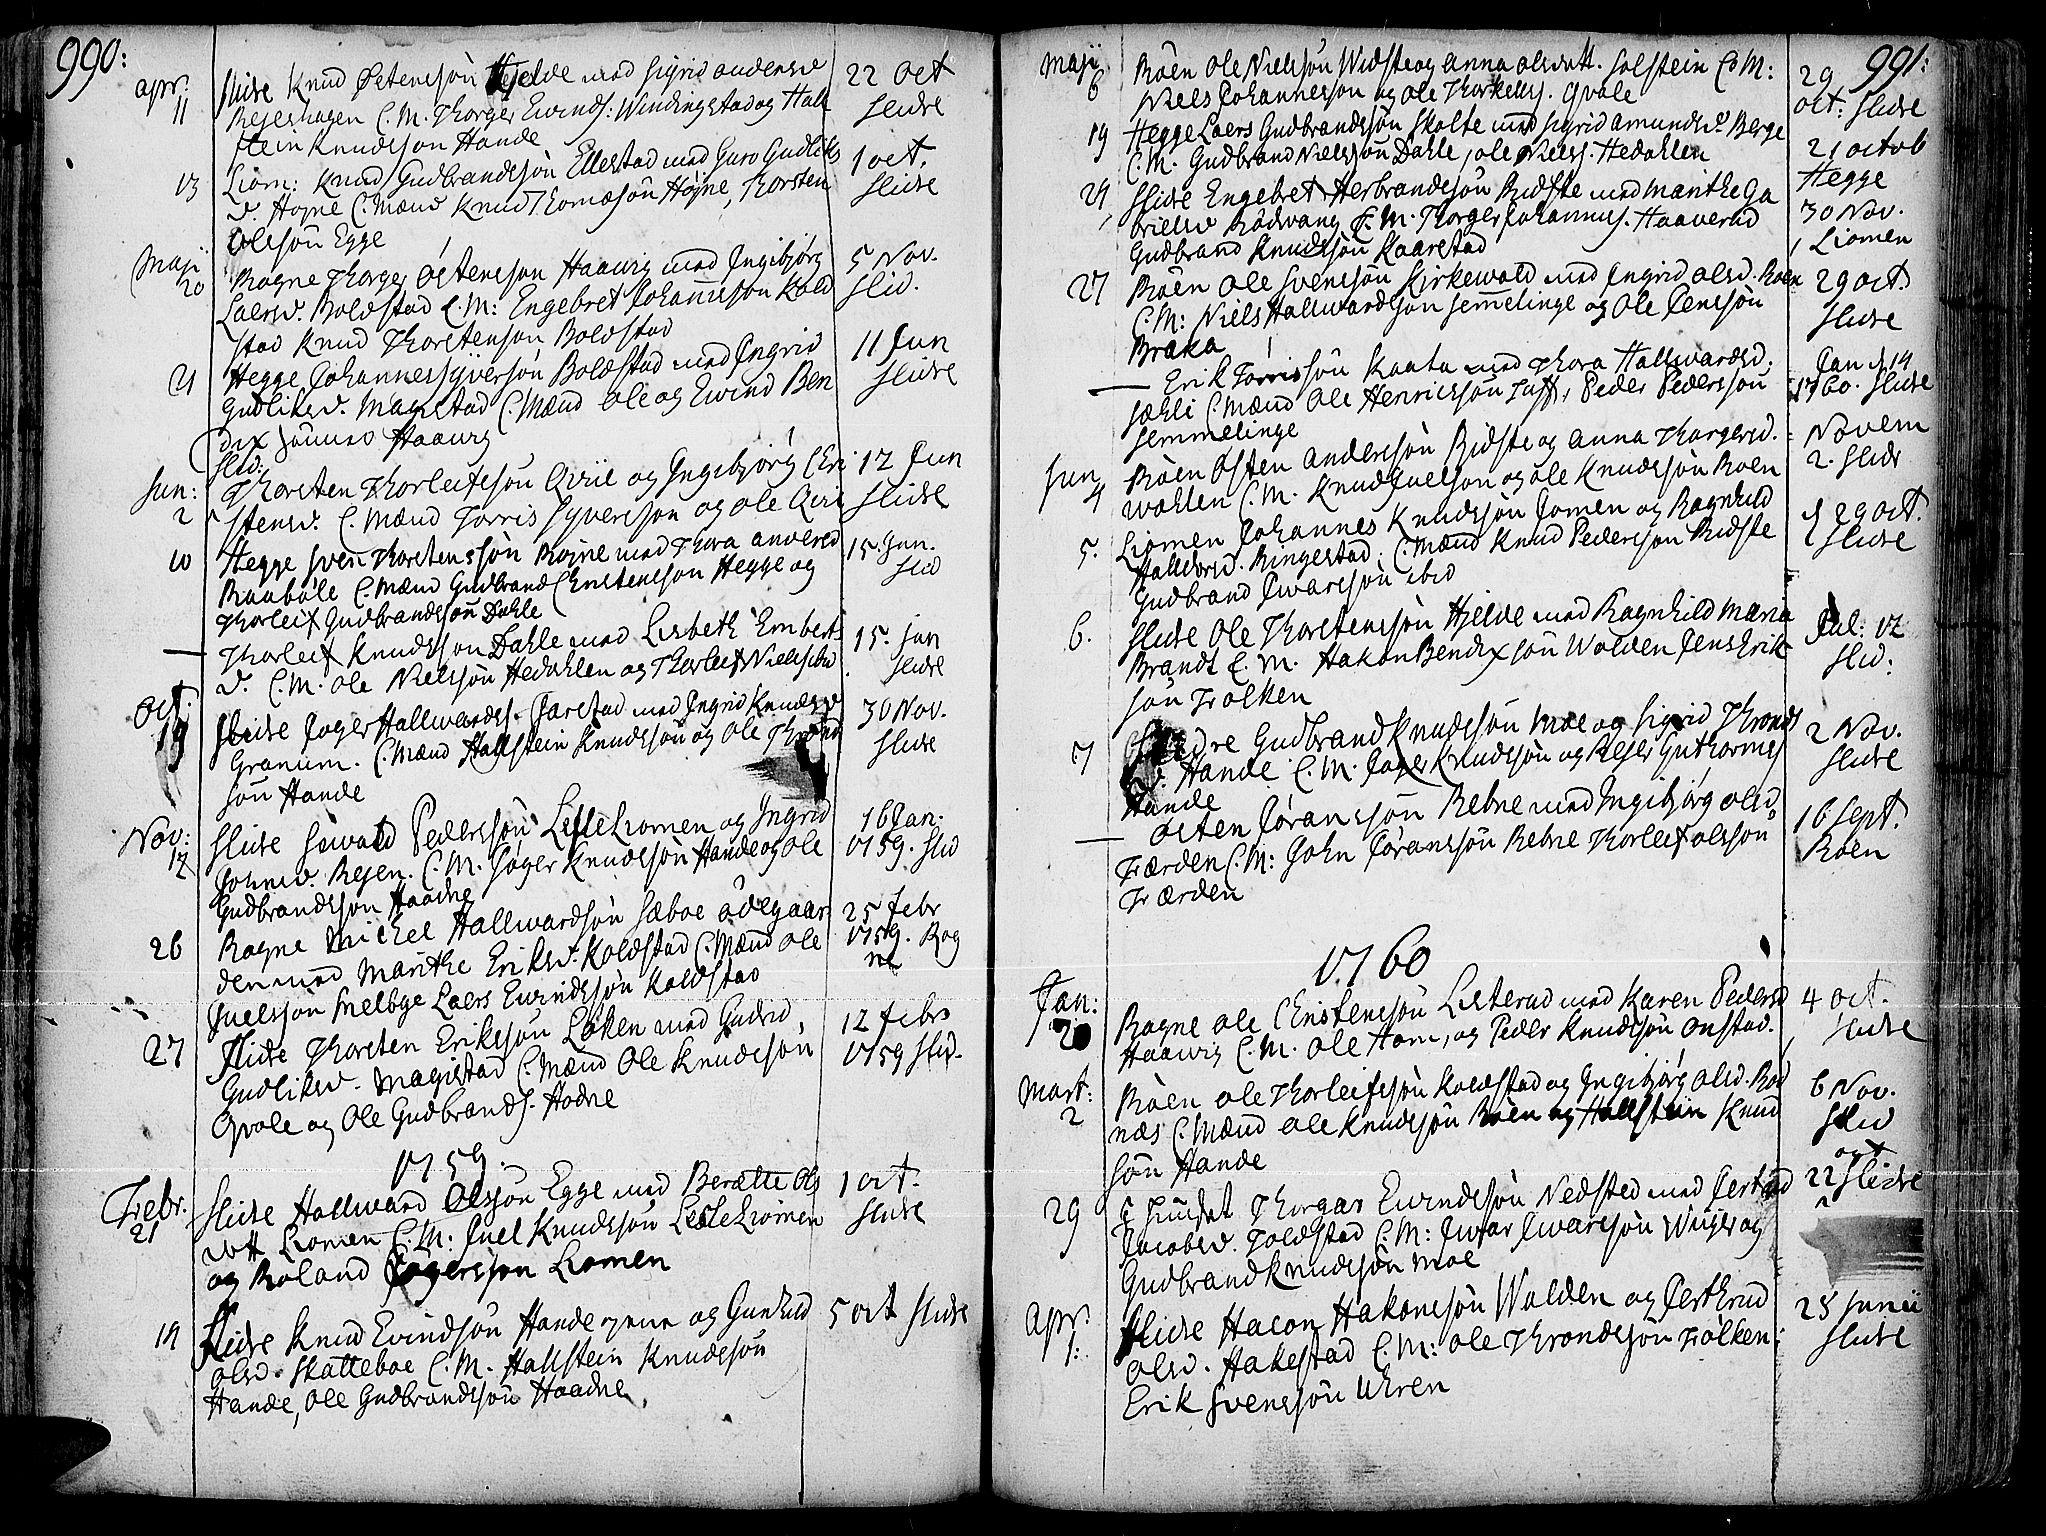 SAH, Slidre prestekontor, Ministerialbok nr. 1, 1724-1814, s. 990-991